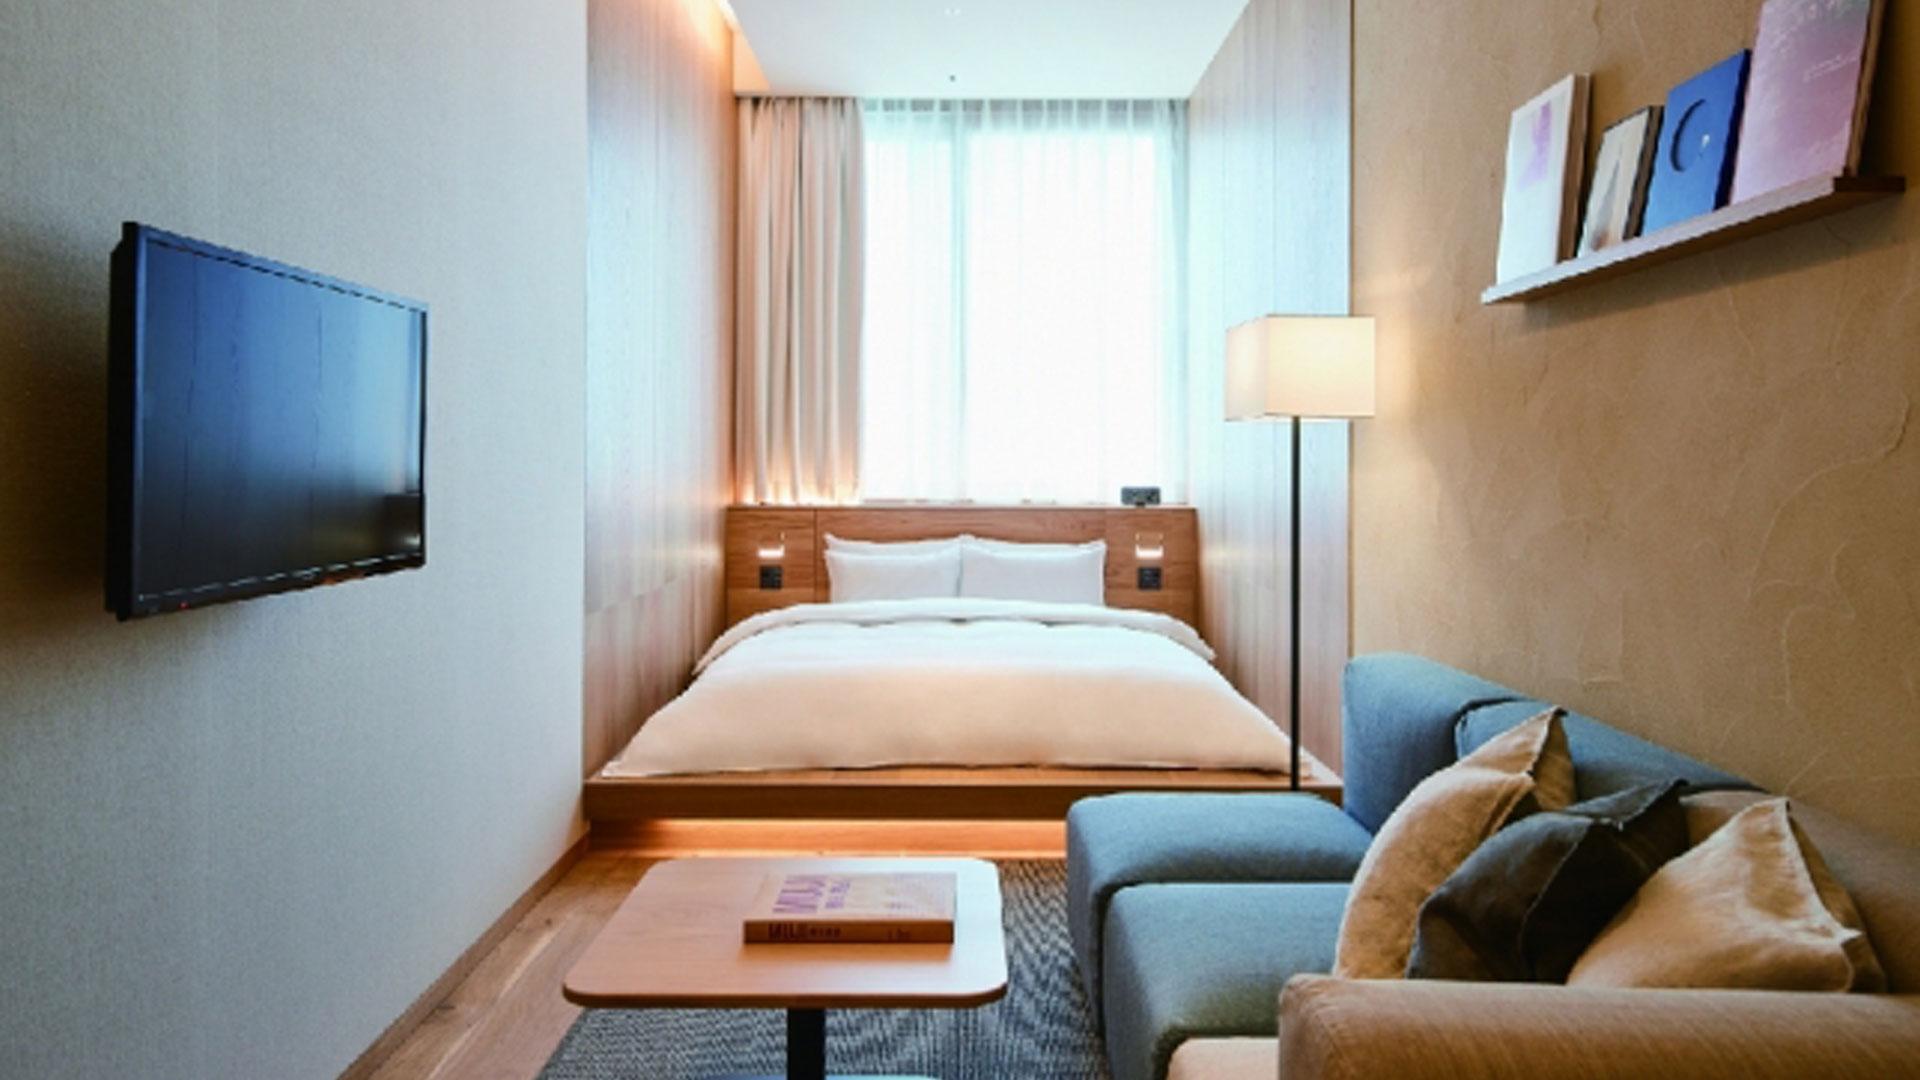 【無印良品の思想を体現「MUJI HOTEL GINZA」開業】他、新着トレンド3月20日